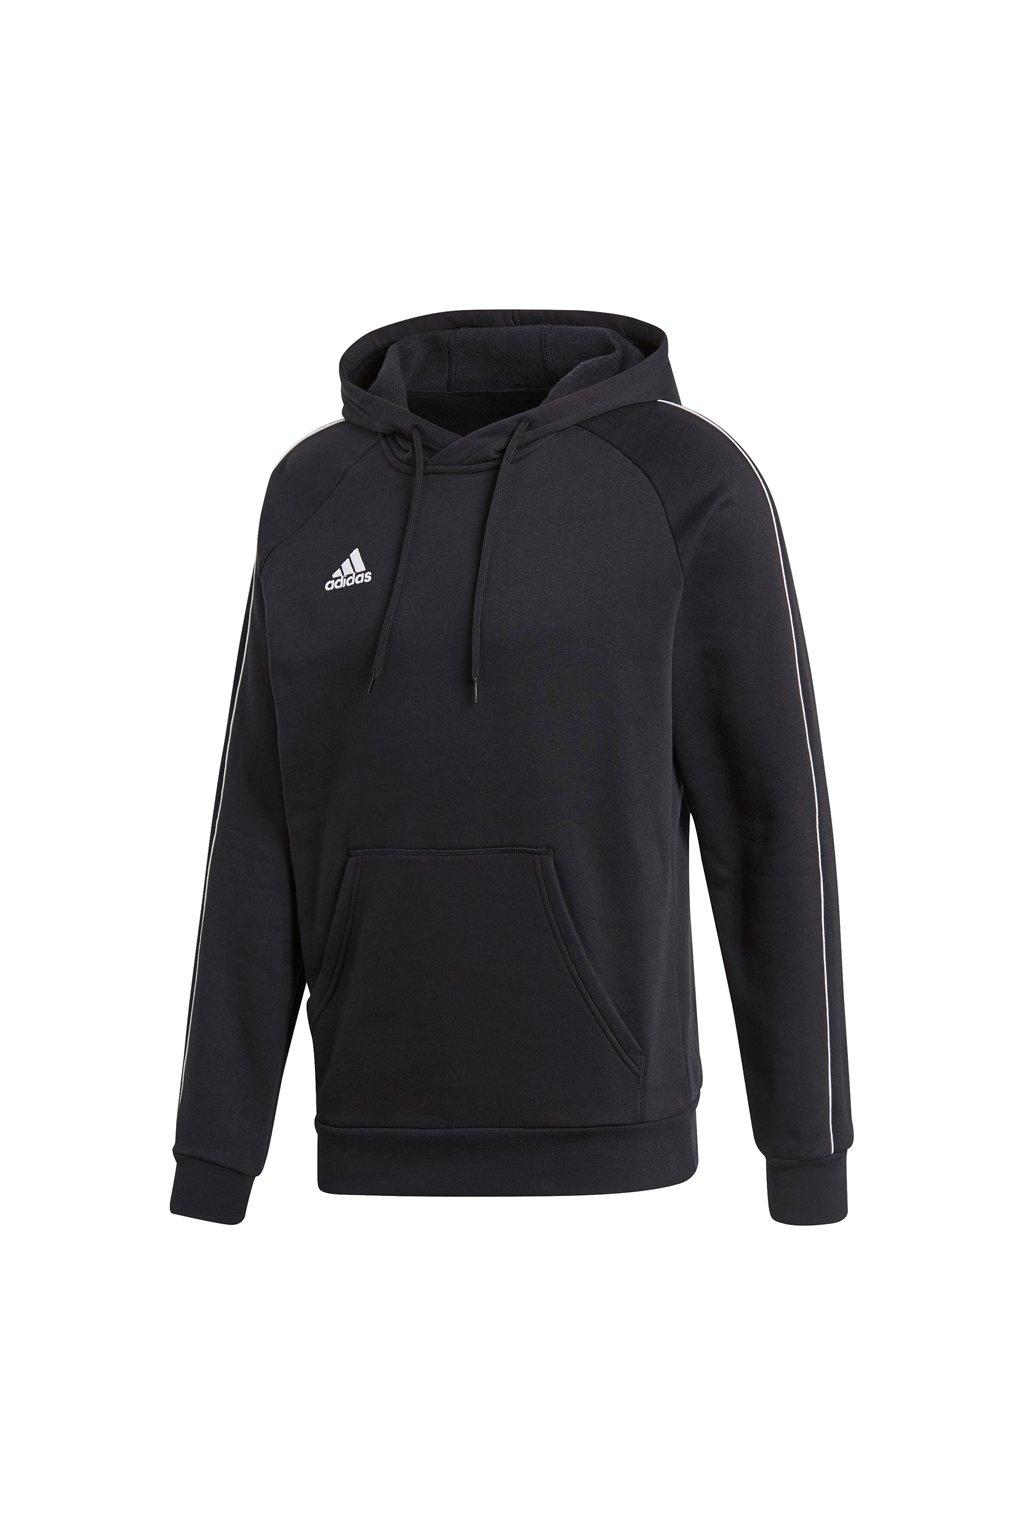 Adidas Core 18 Hoody pánska mikina čierna CE9068